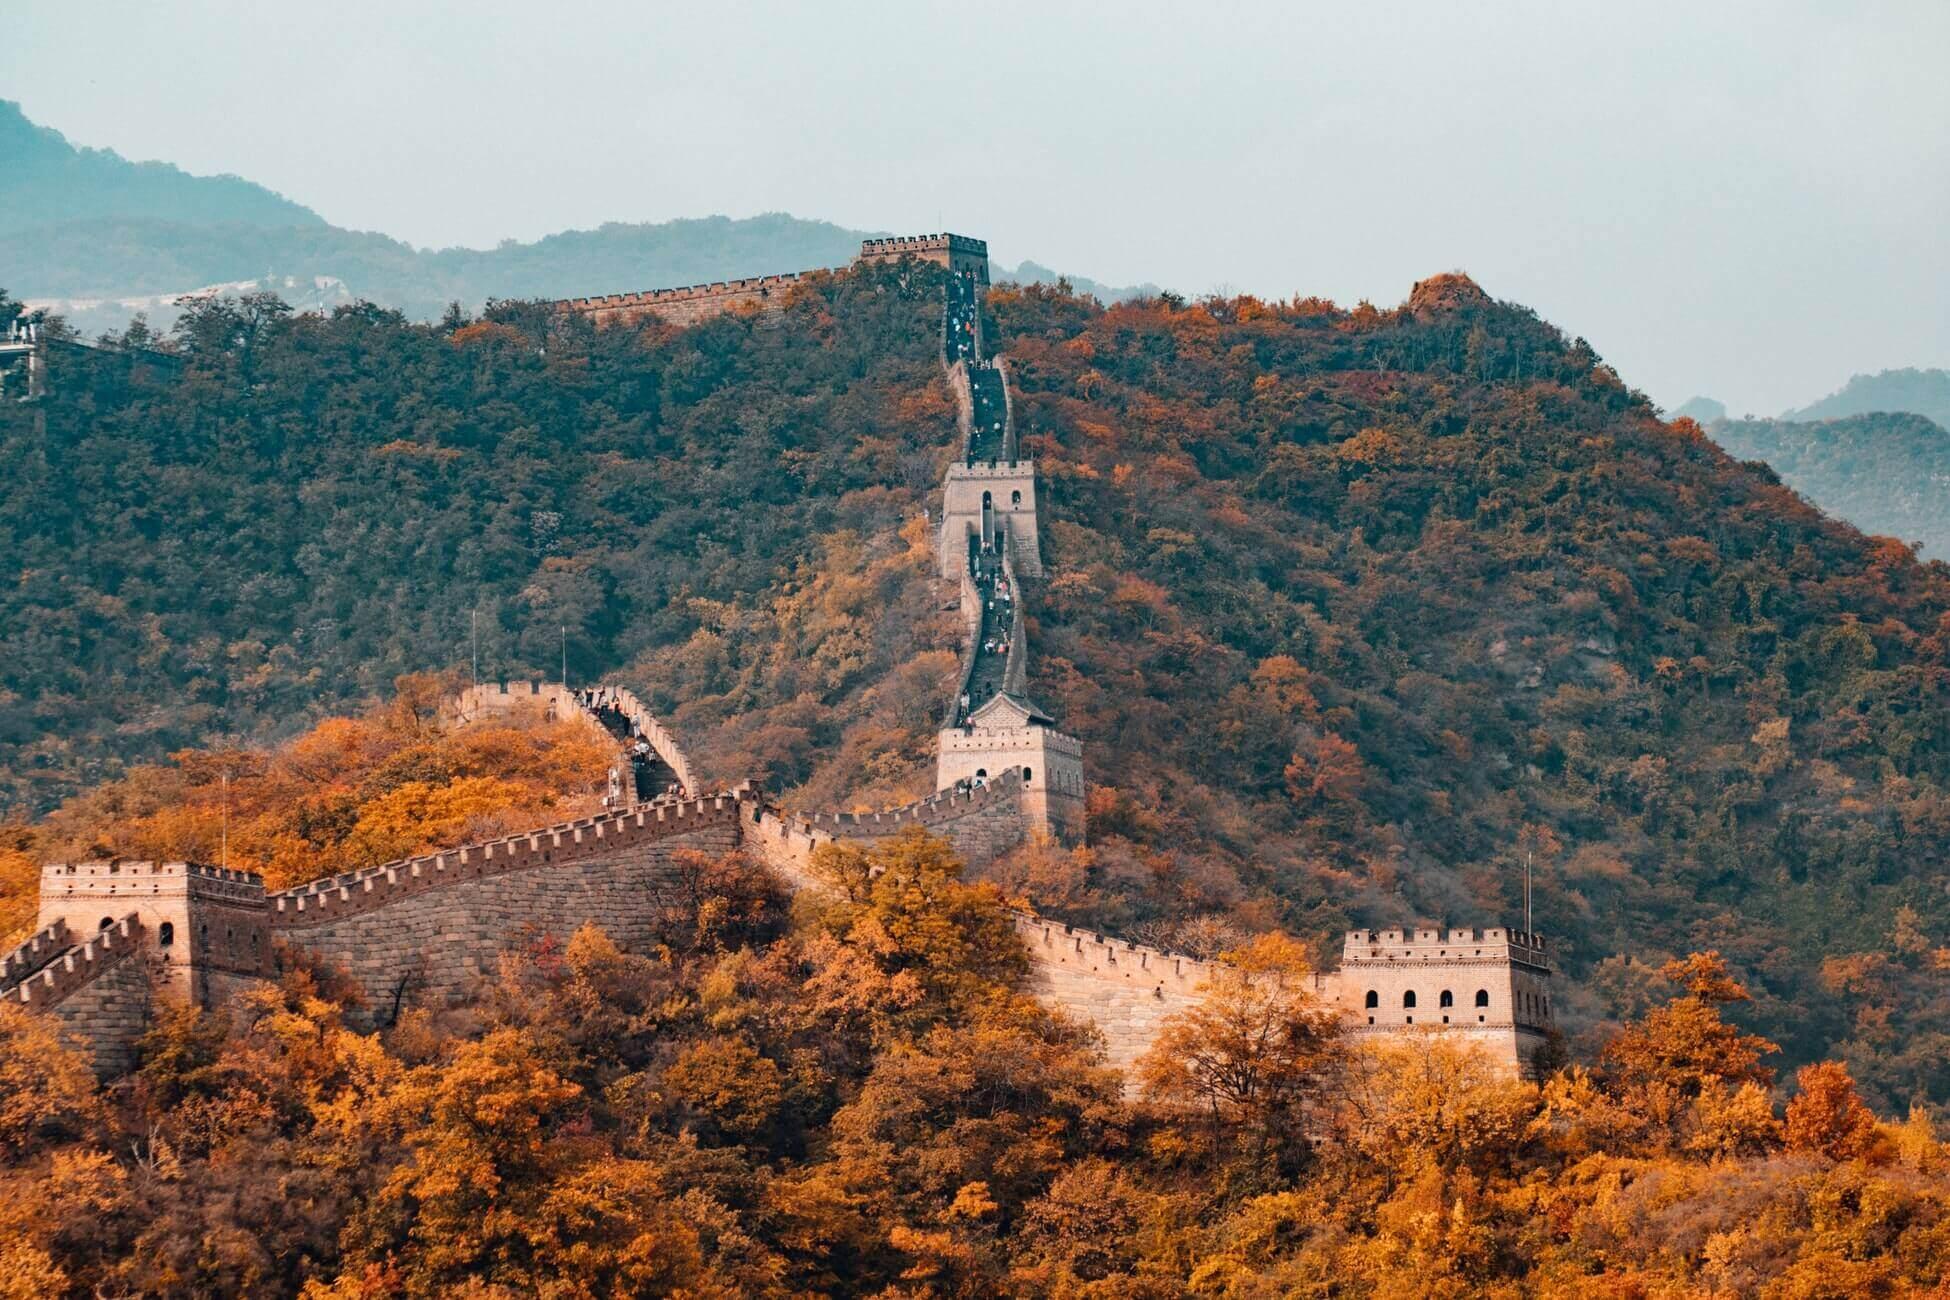 Поясним за новости: количество туристов на Великую Китайскую стену сократят